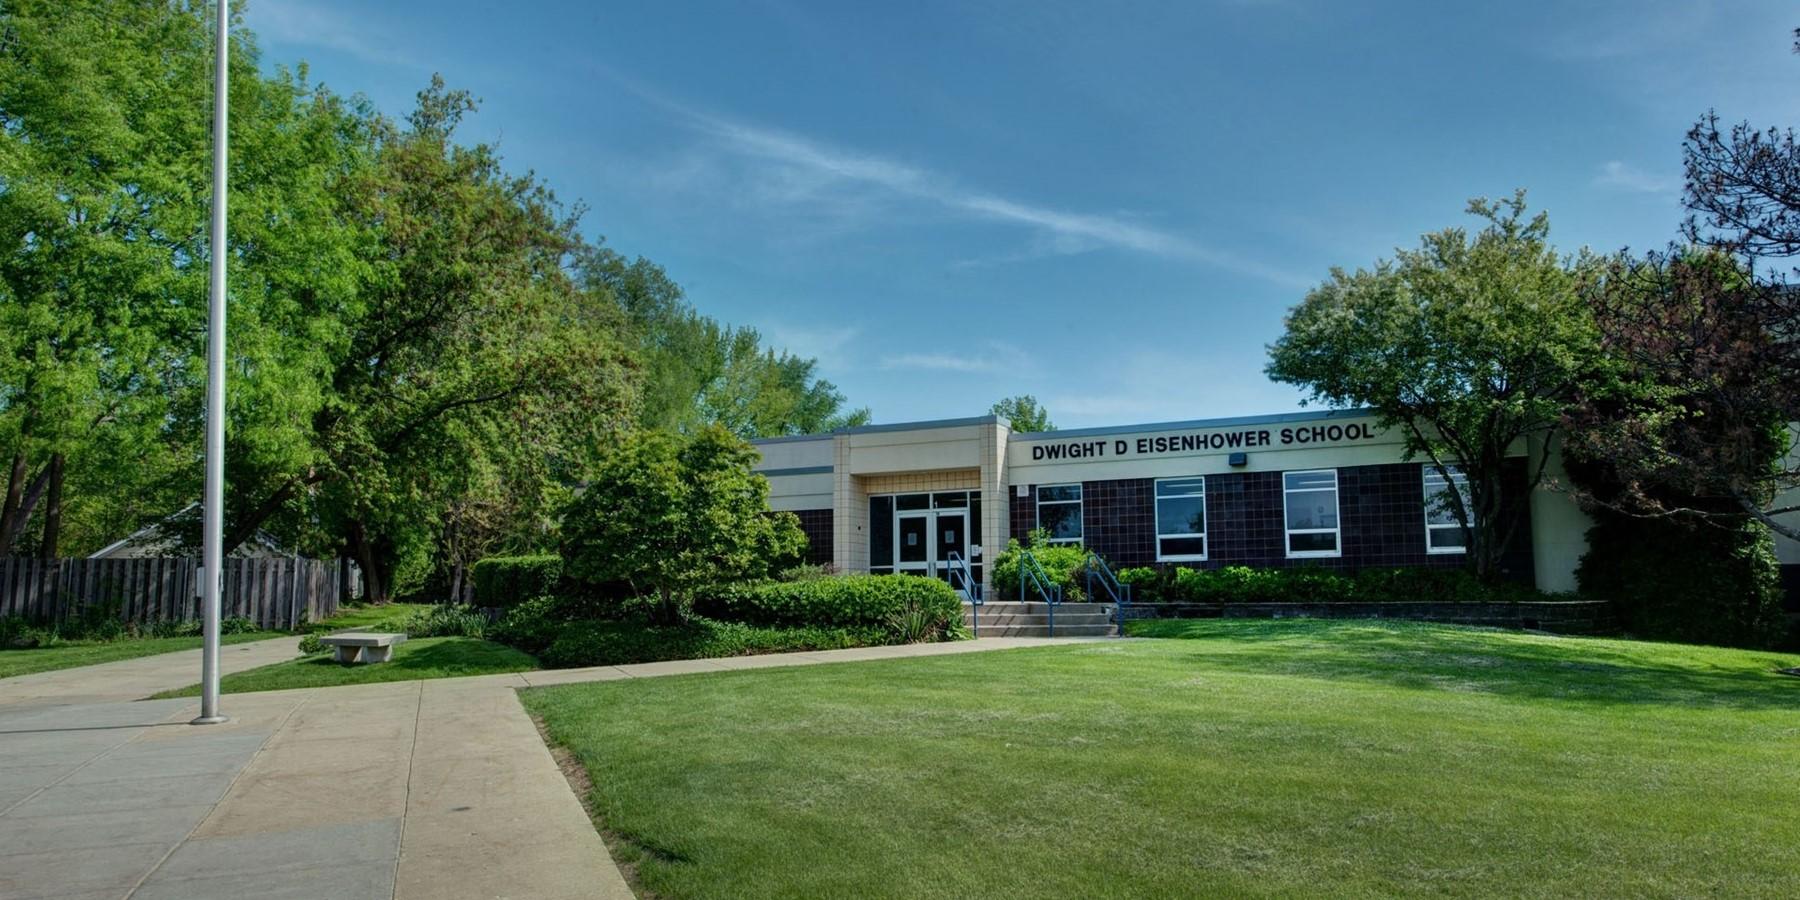 Eisenhower School